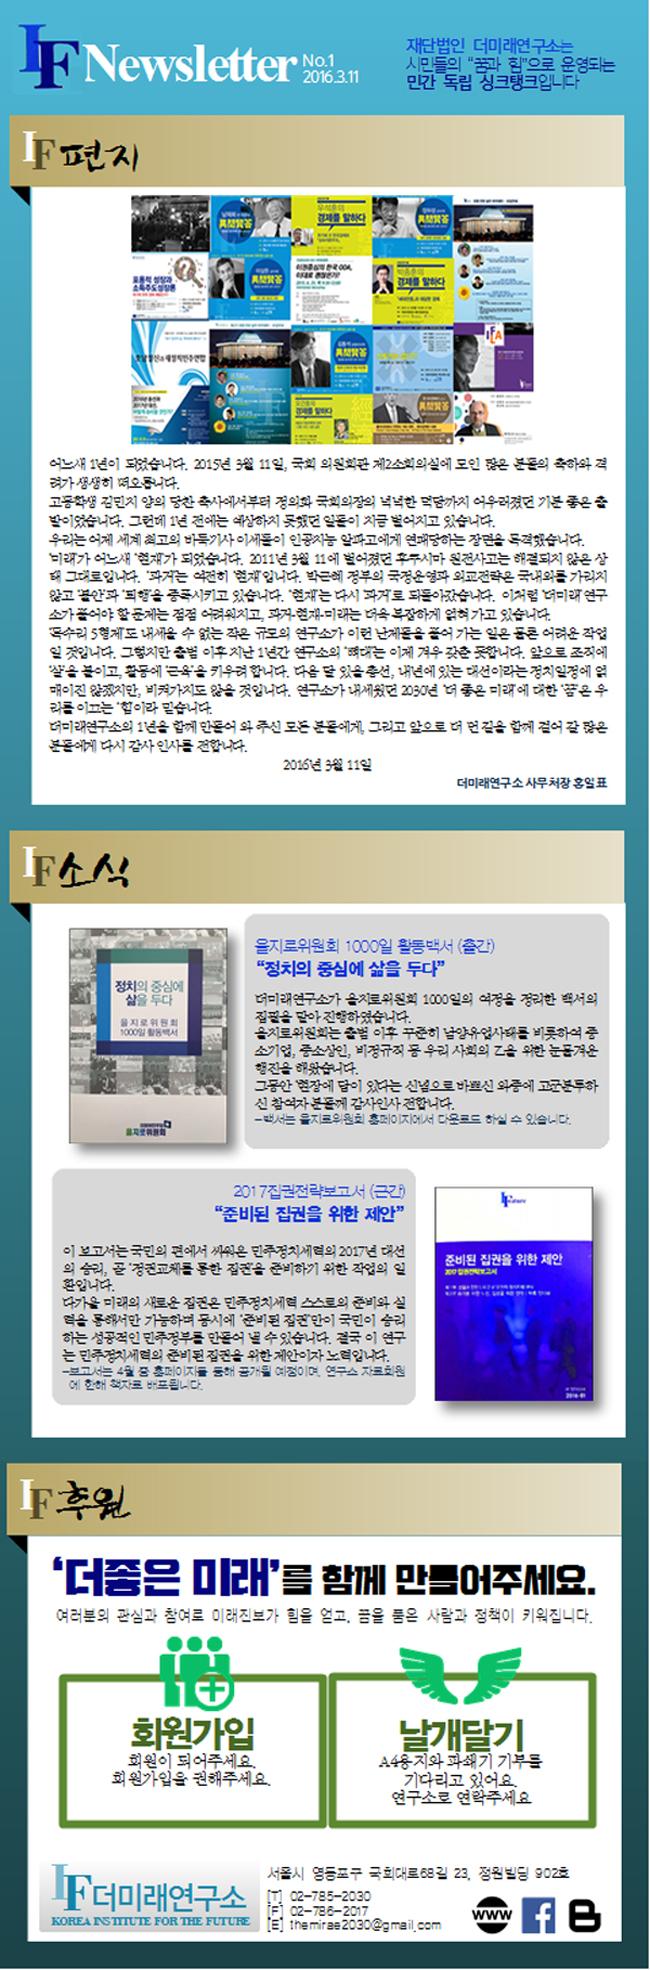 뉴스레터 1호